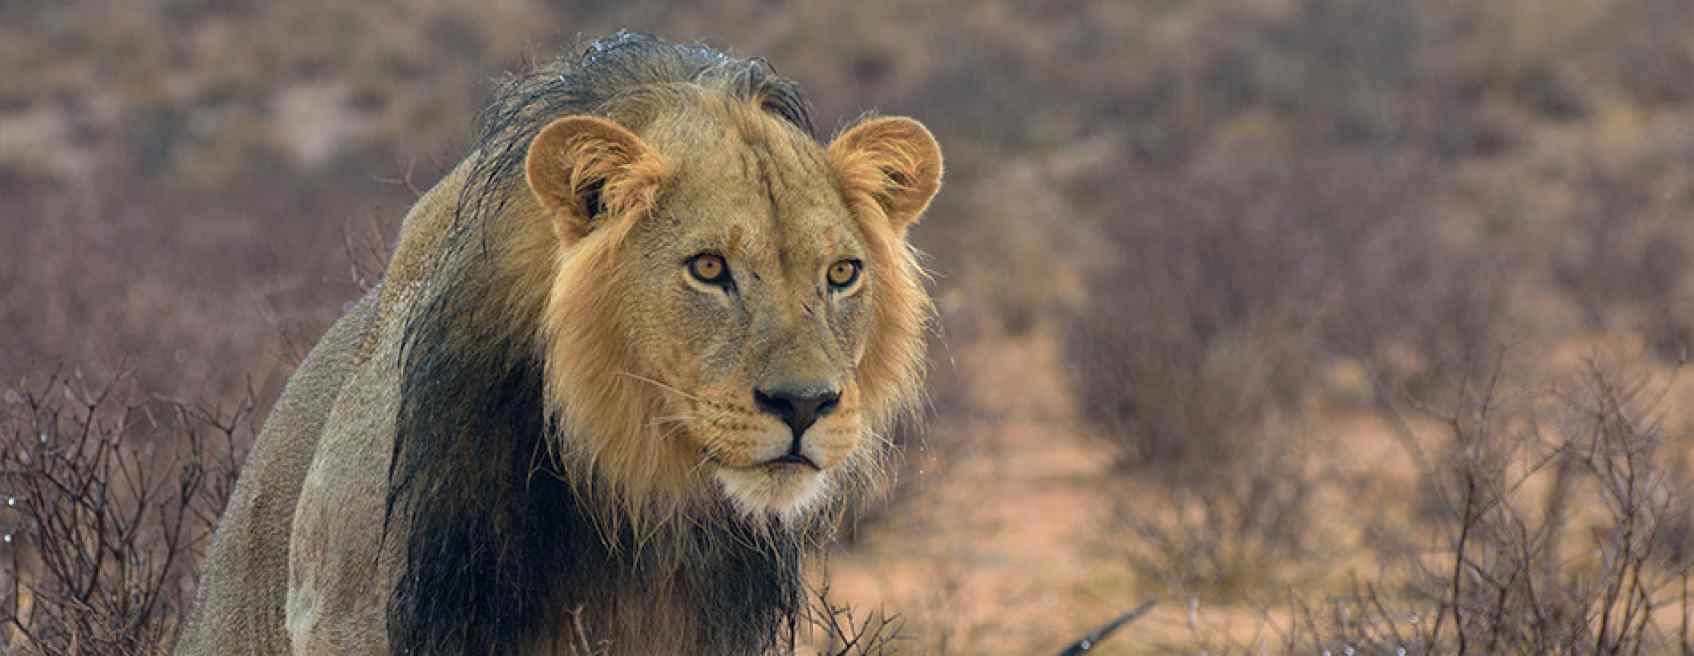 central kalahari reserve20.jpg